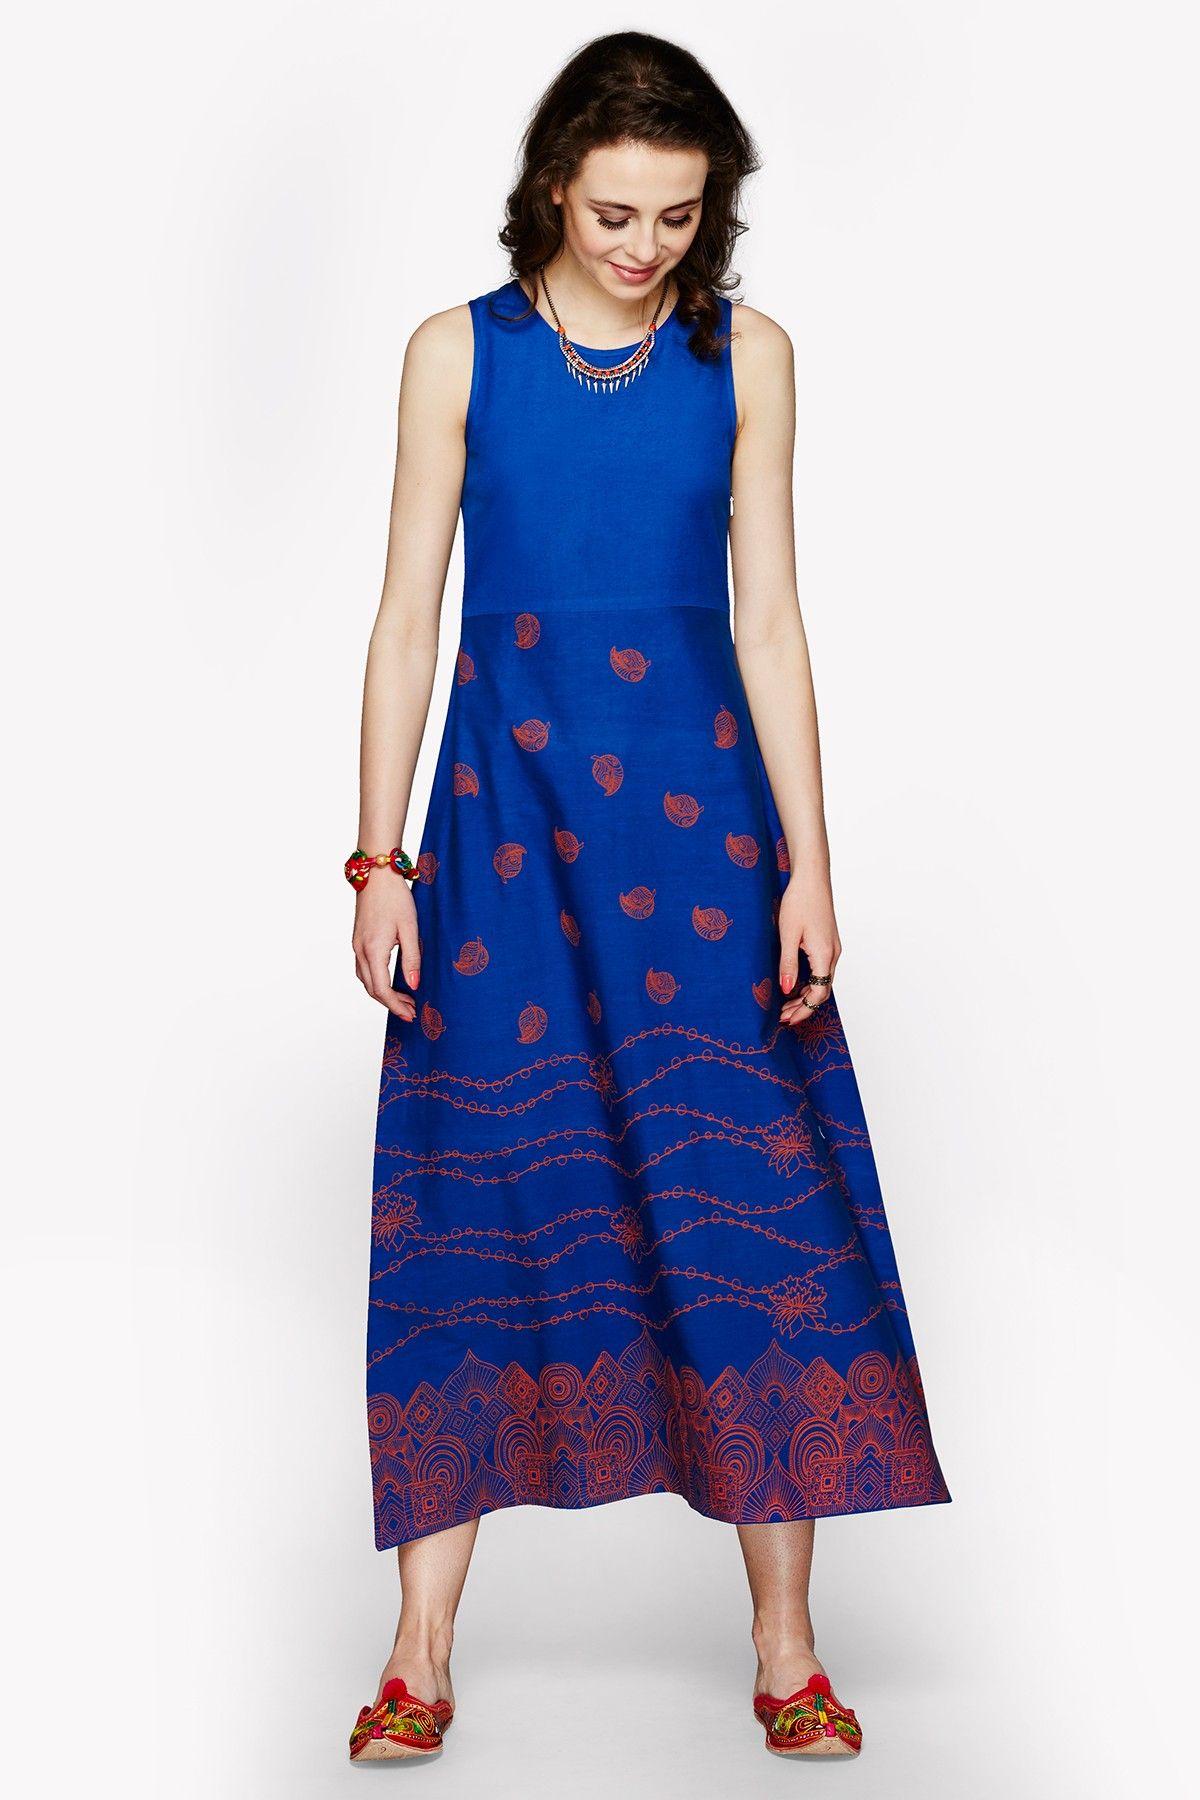 b35df2a53760 Shop Online for Cimmerian maxi dress in India at Voonik.com